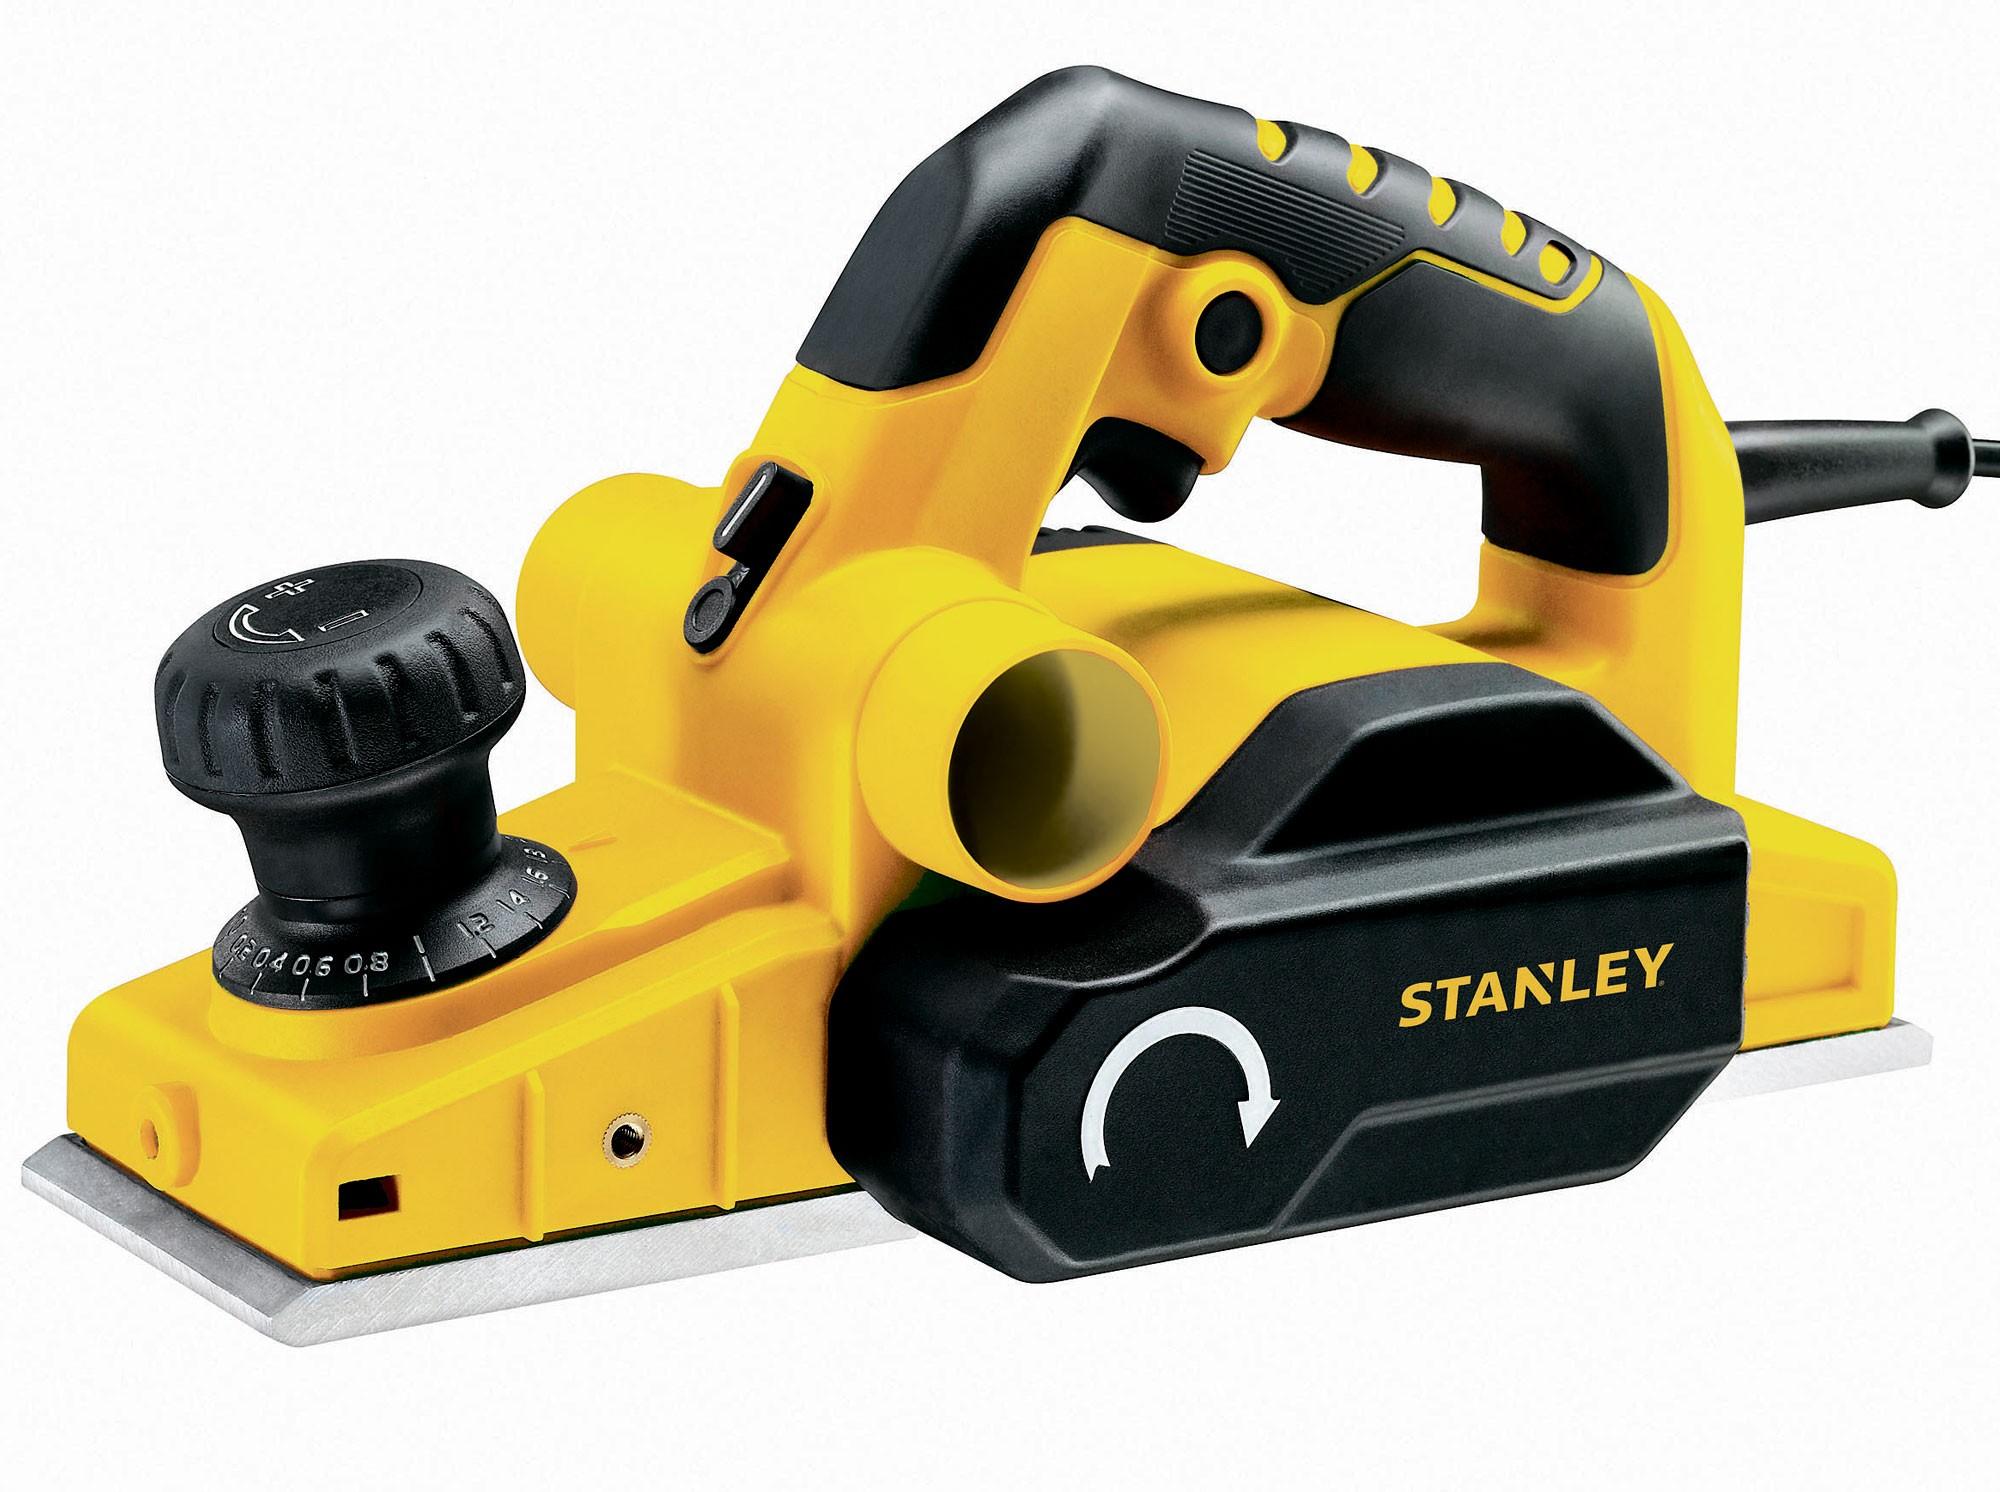 Stanley STPP7502 - электрический рубанок (Yellow)